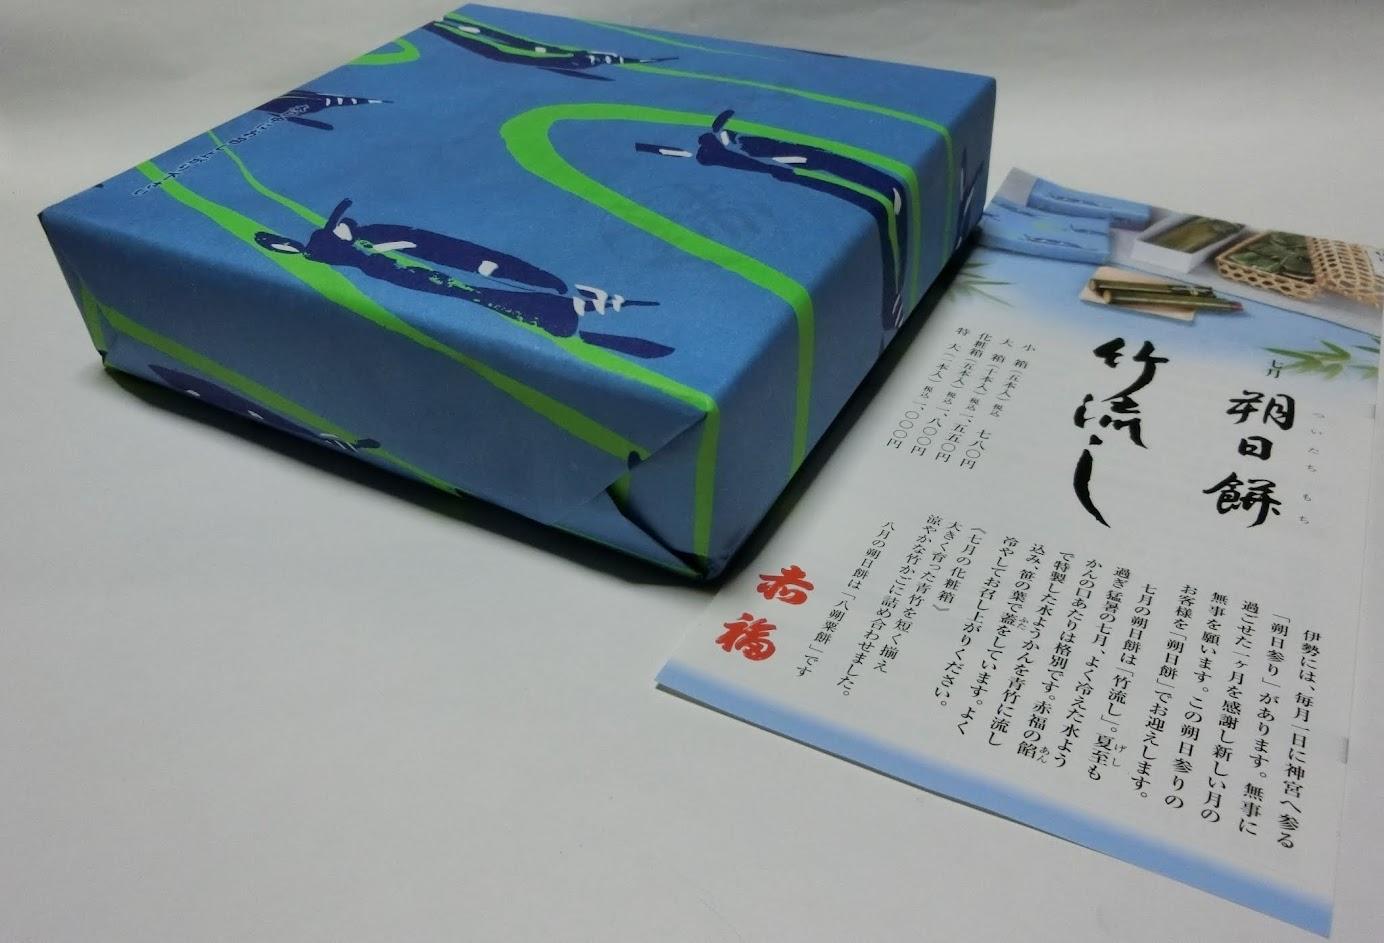 赤福朔日餅竹流しの包装紙は伊勢千代紙